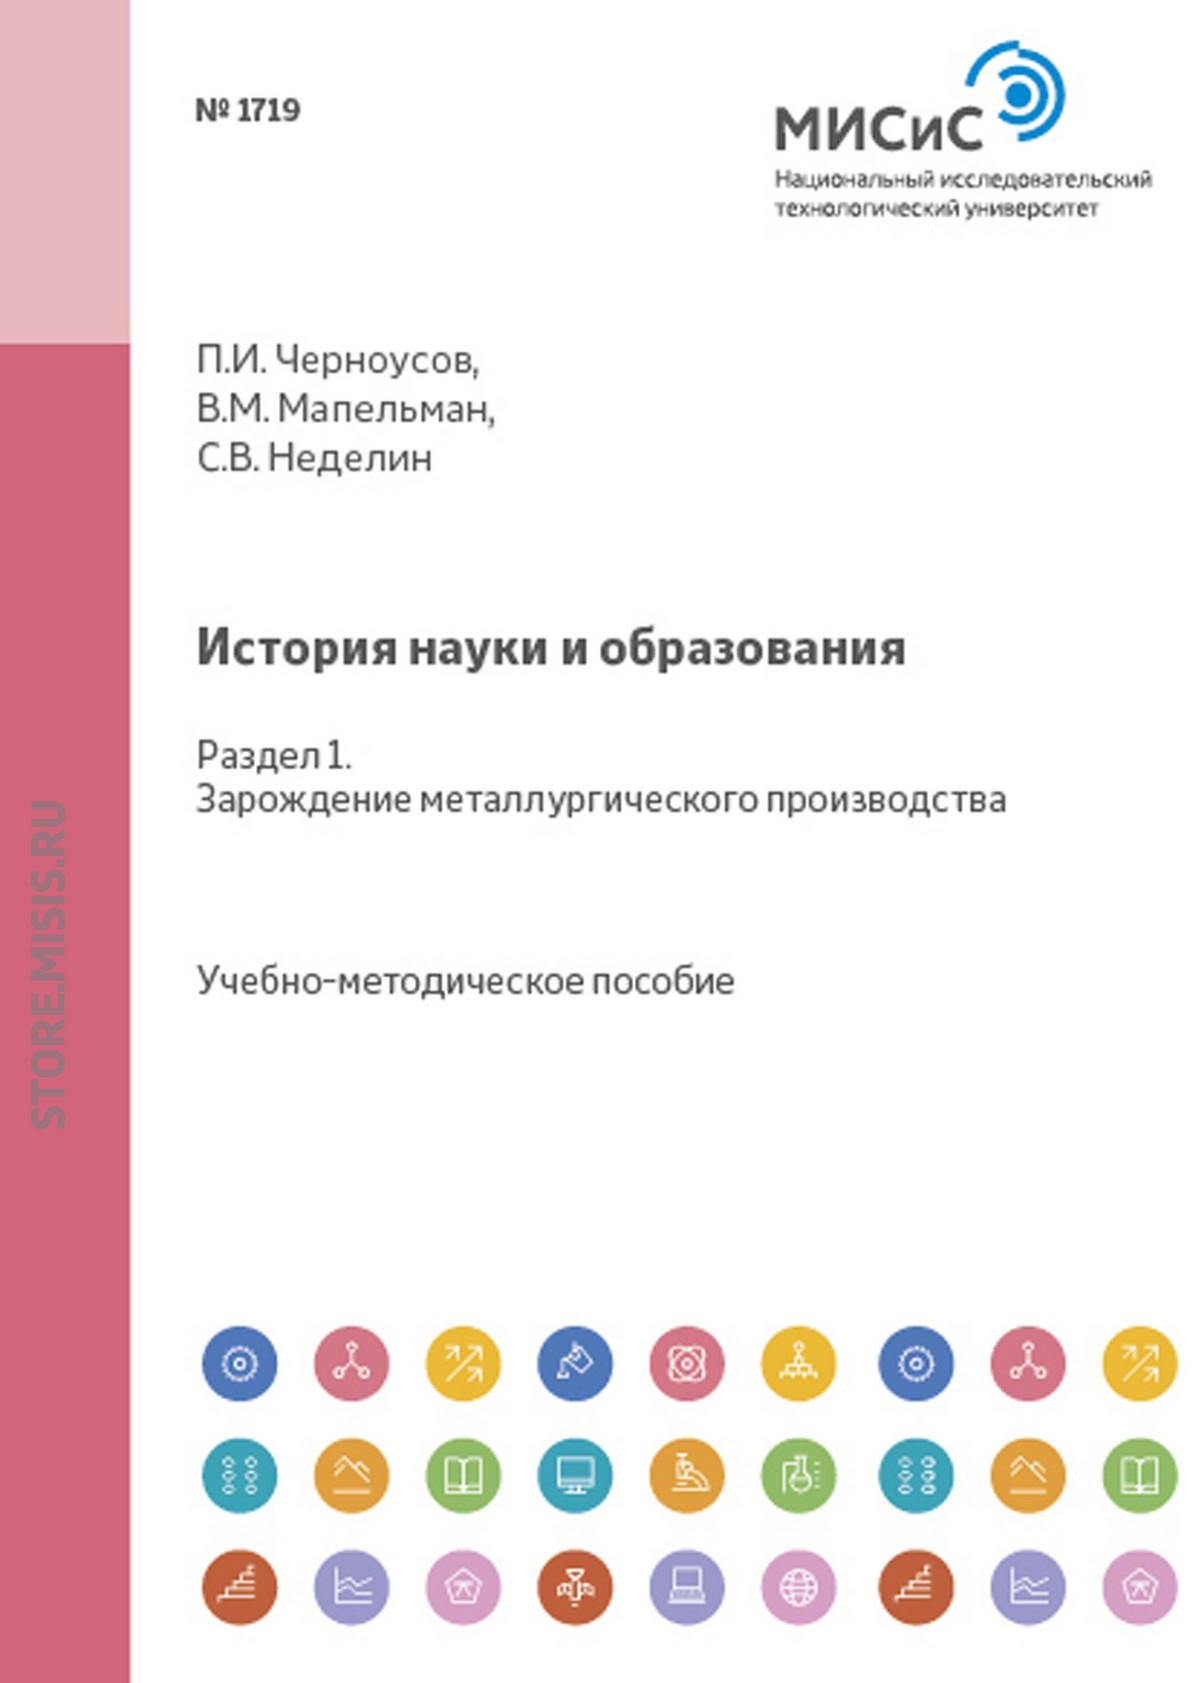 Сергей Неделин История науки и образования. Раздел 1. Зарождение металлургического производства